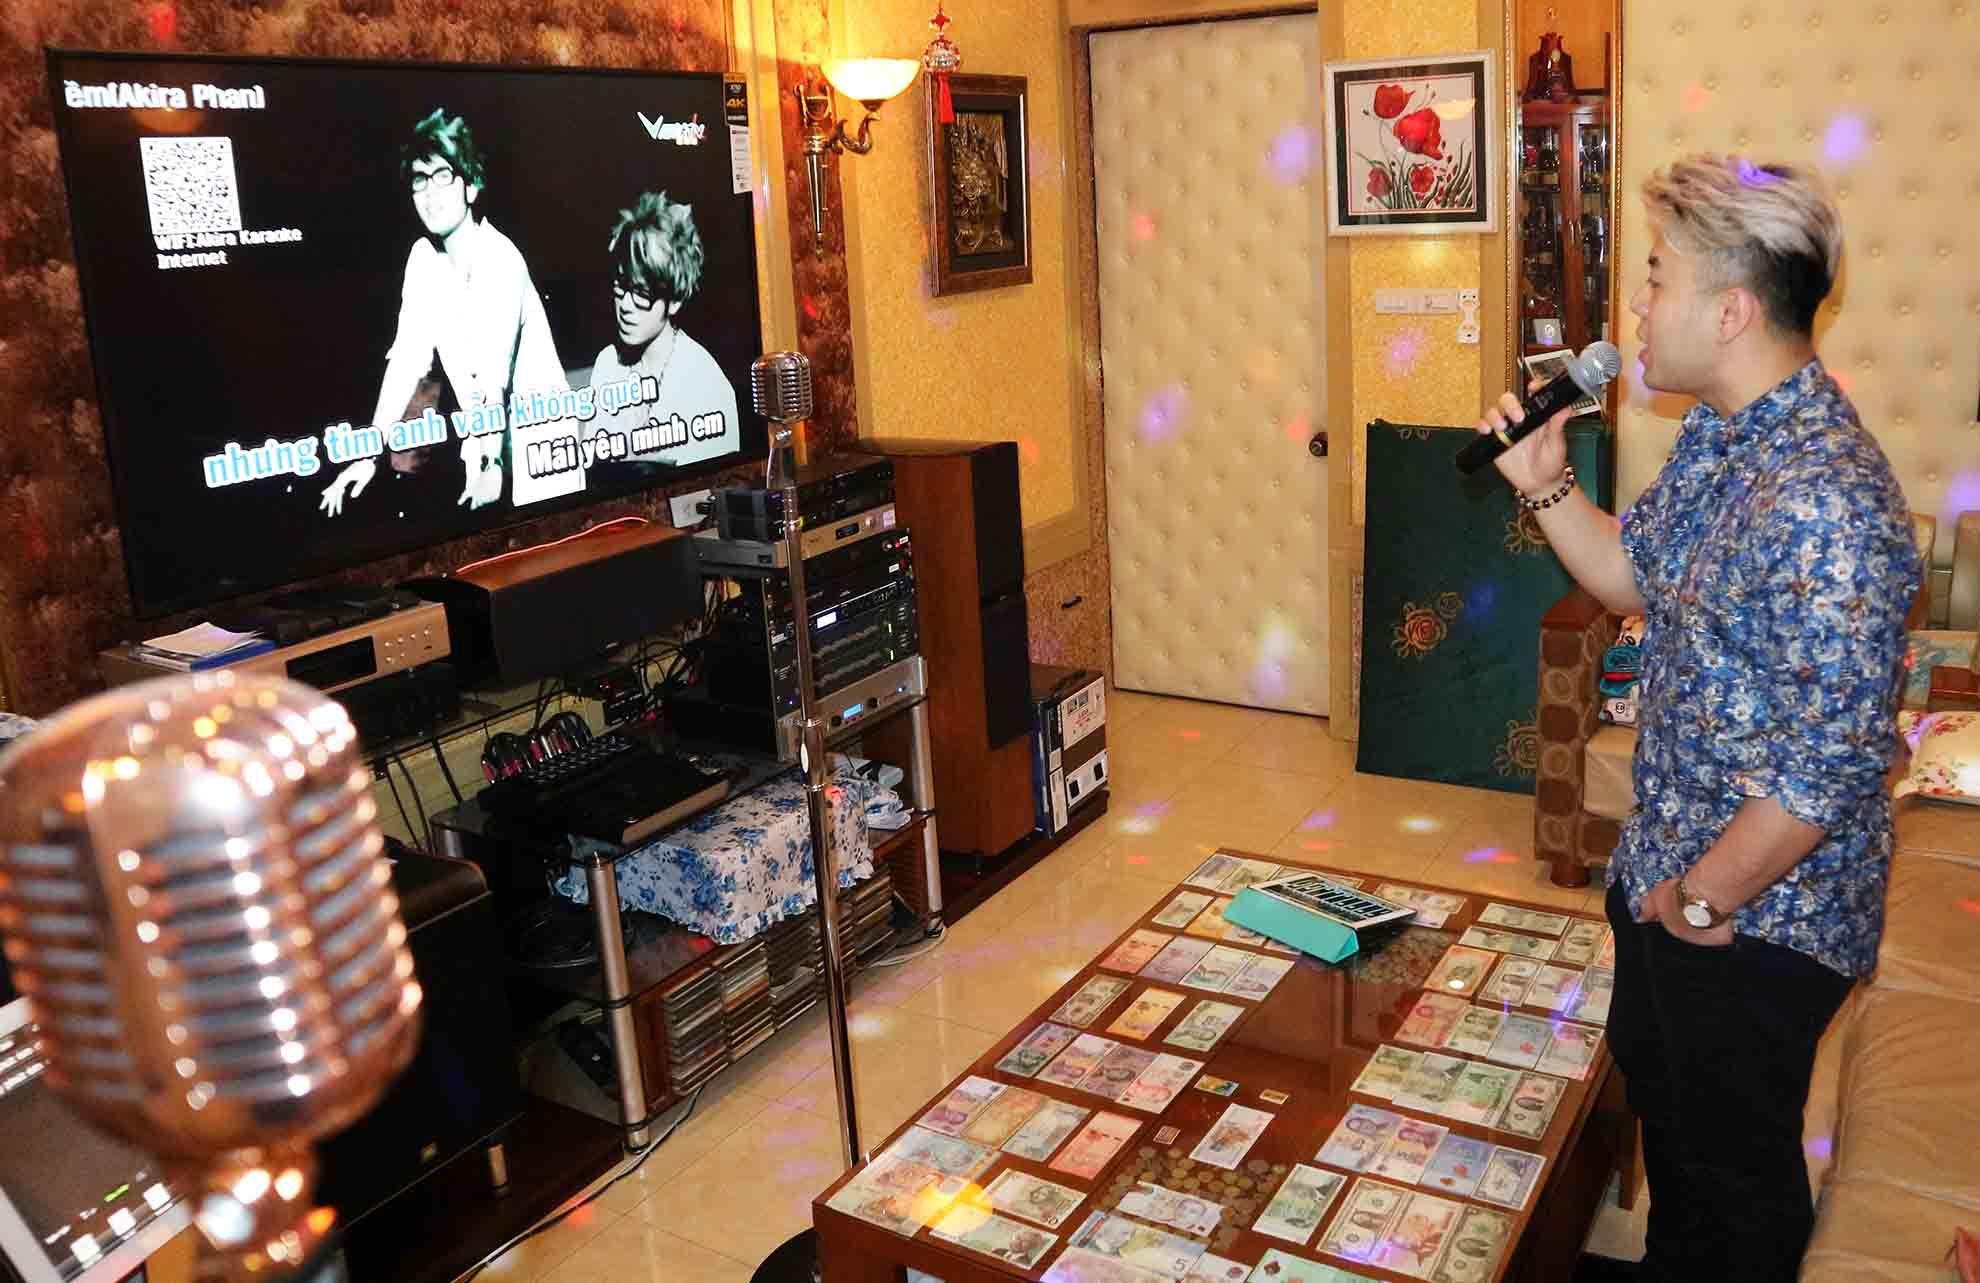 Phòng karaoke sang chảnh của Akira Phan tại nhà riêng 15 tỷ đồng